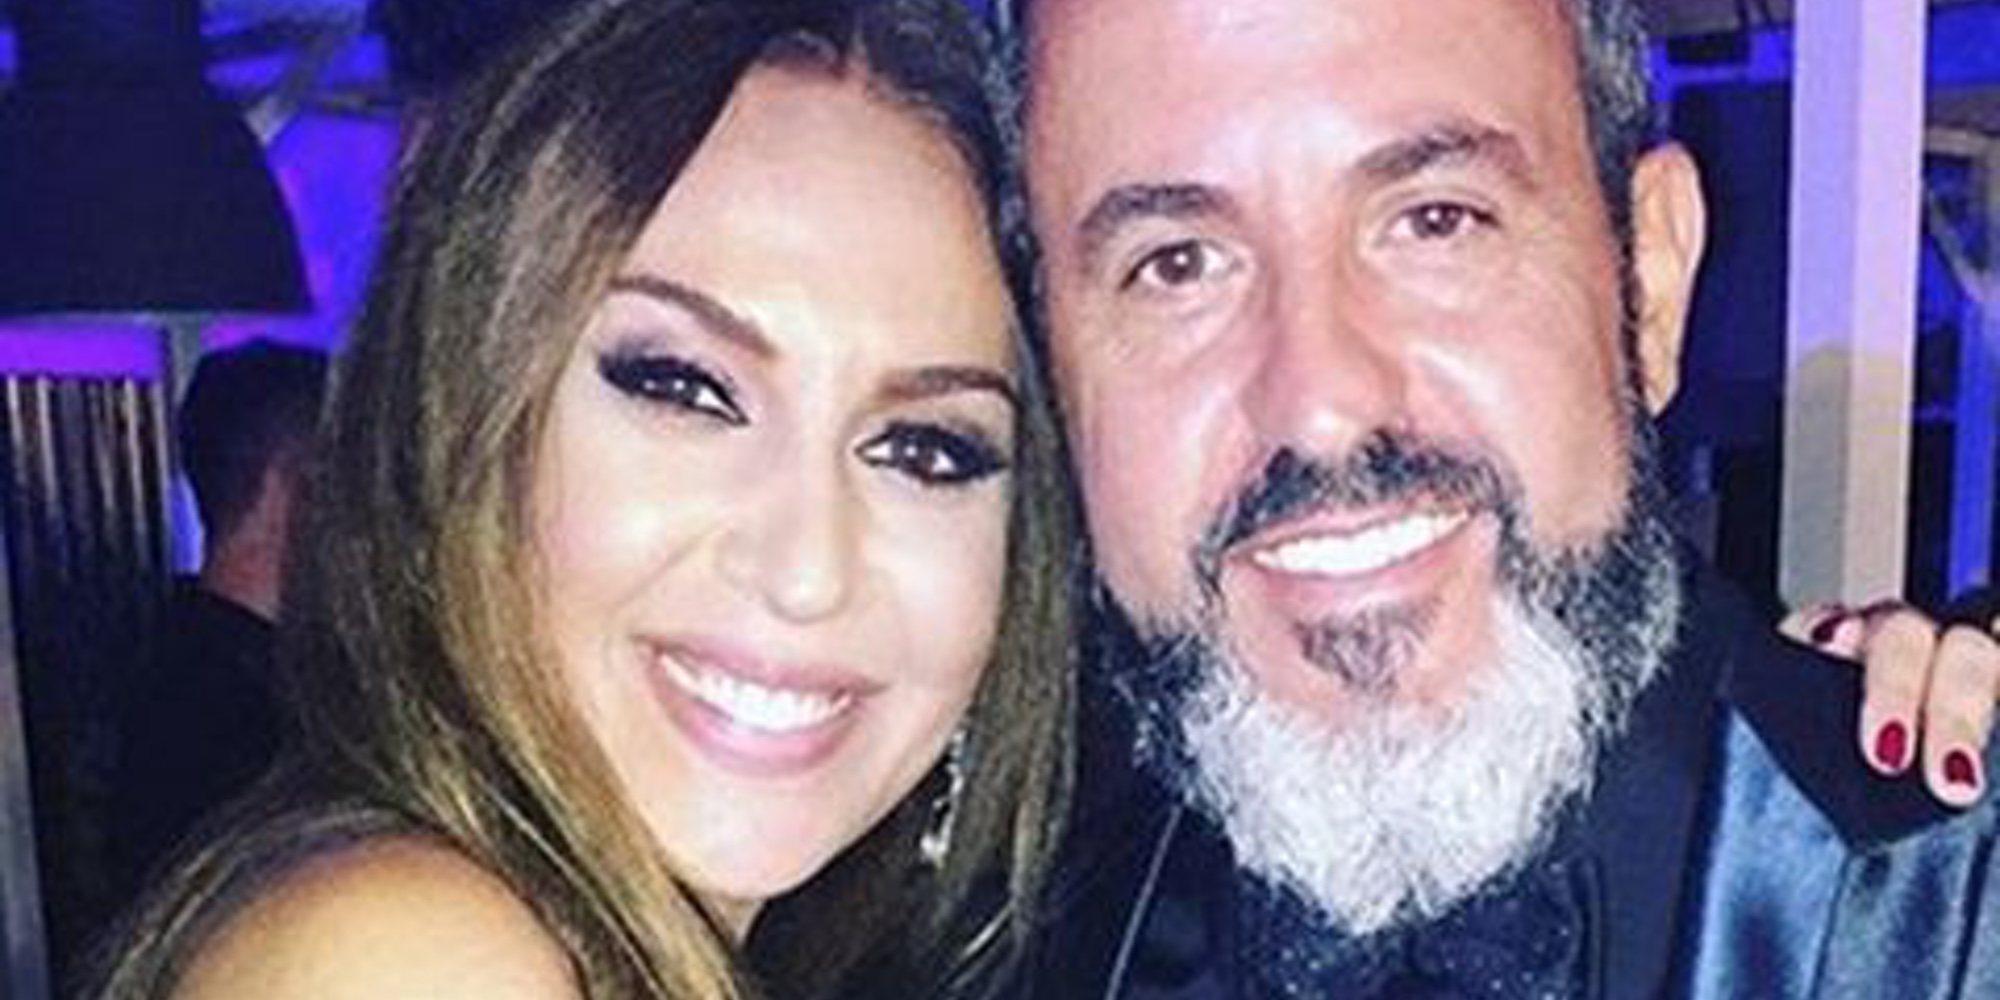 """Óscar Tarruella, exmarido de Mónica Naranjo, habla por primera vez tras su divorcio: """"Sentí miedo a su lado"""""""